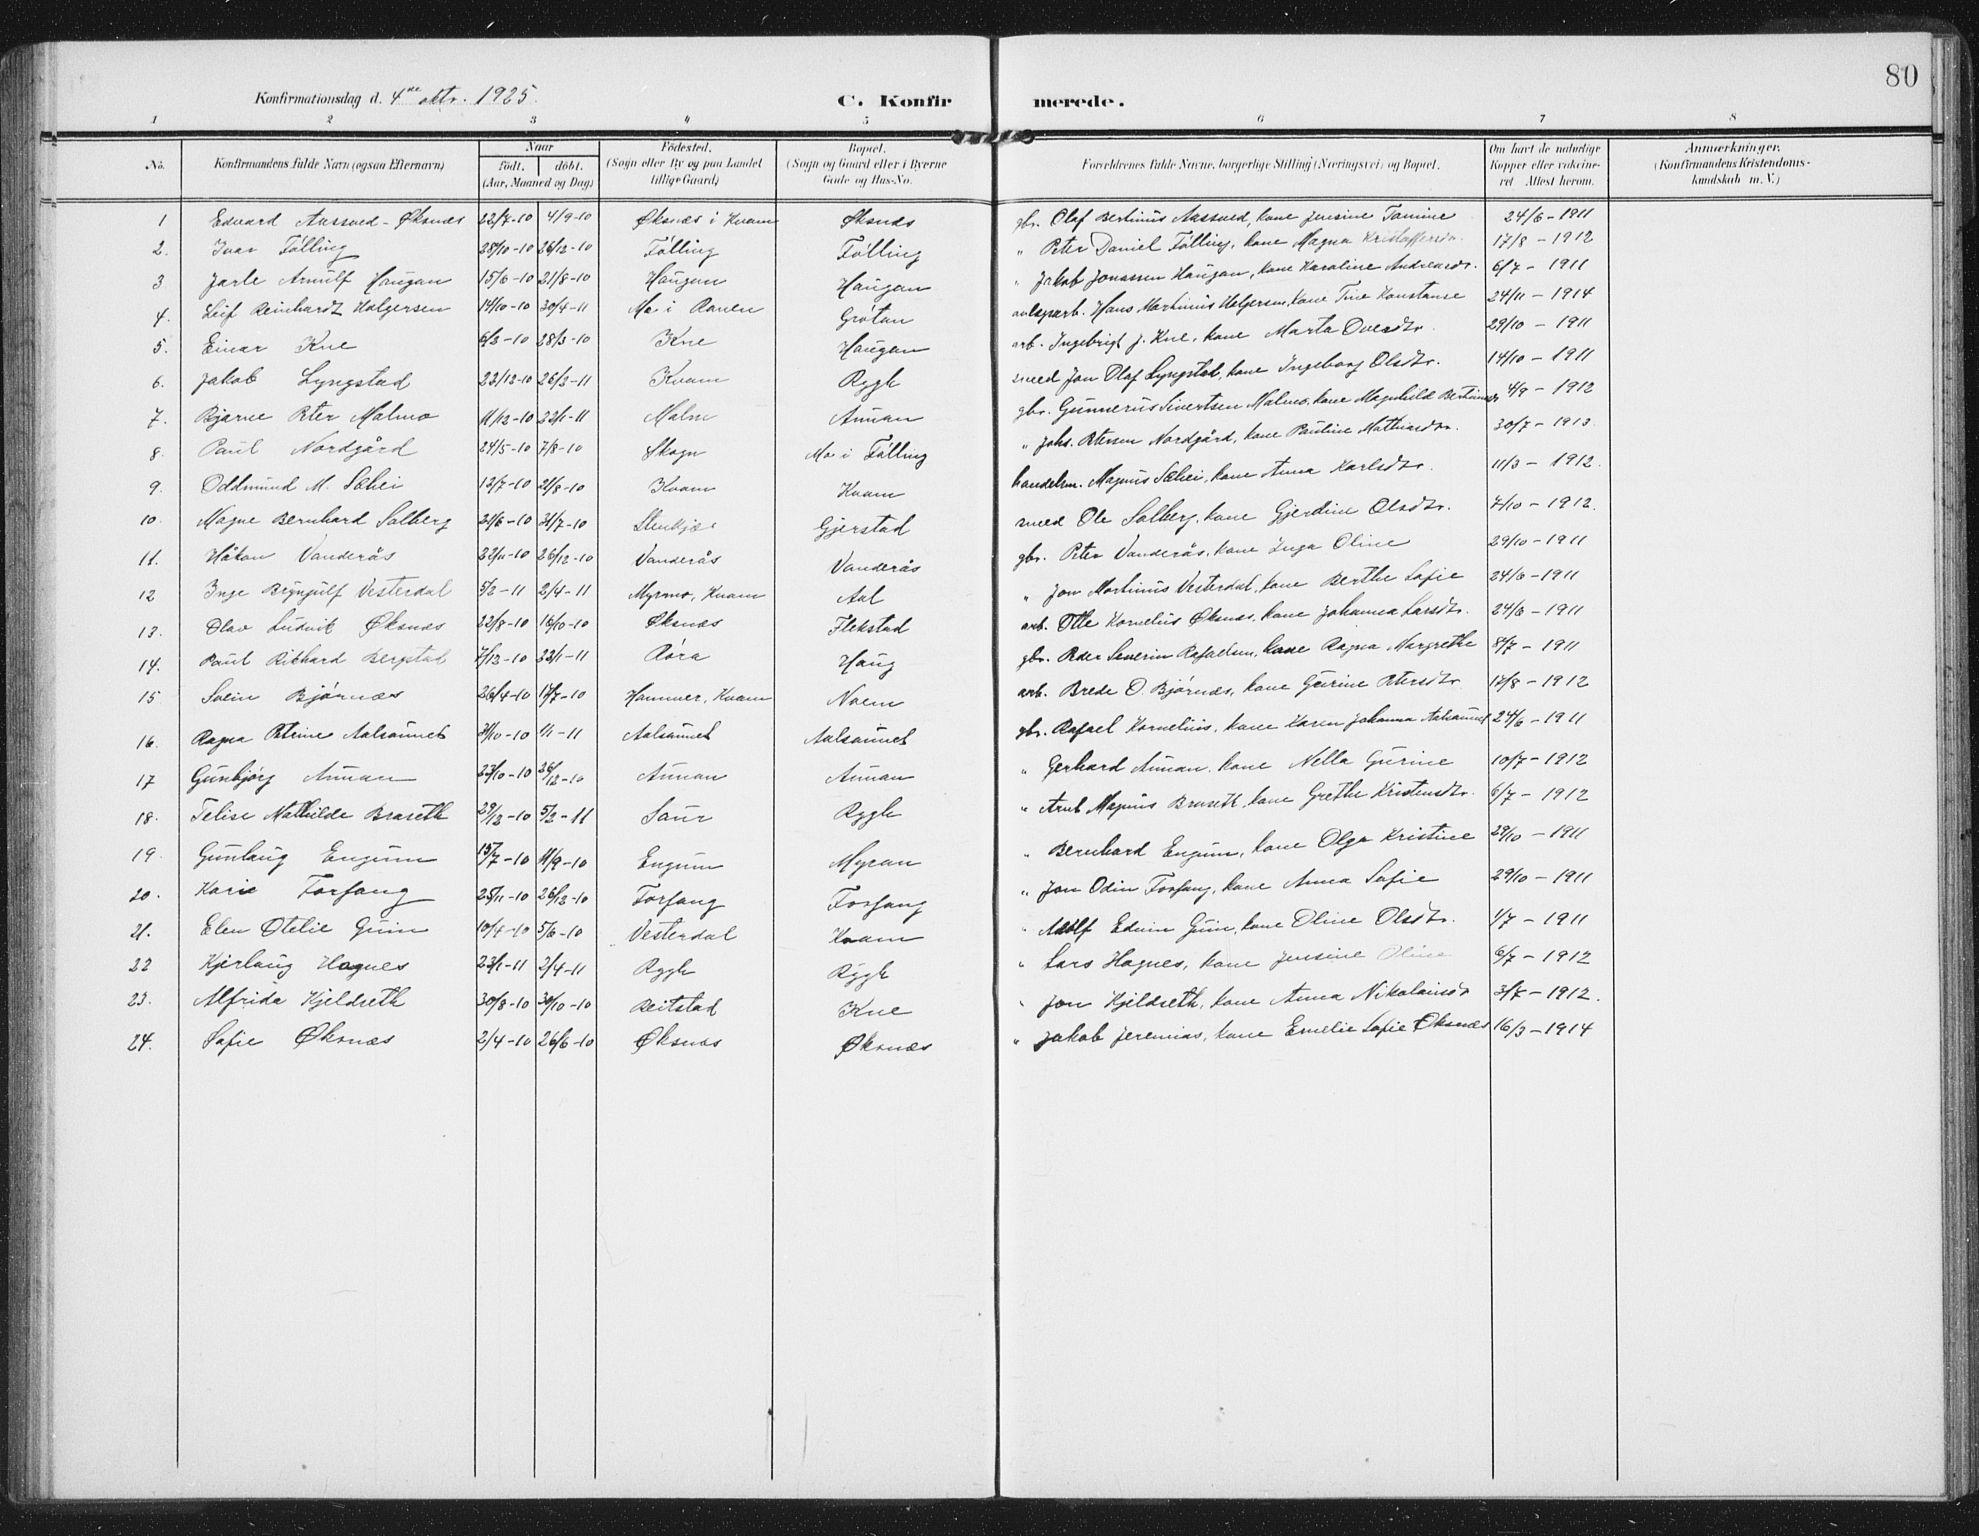 SAT, Ministerialprotokoller, klokkerbøker og fødselsregistre - Nord-Trøndelag, 747/L0460: Klokkerbok nr. 747C02, 1908-1939, s. 80